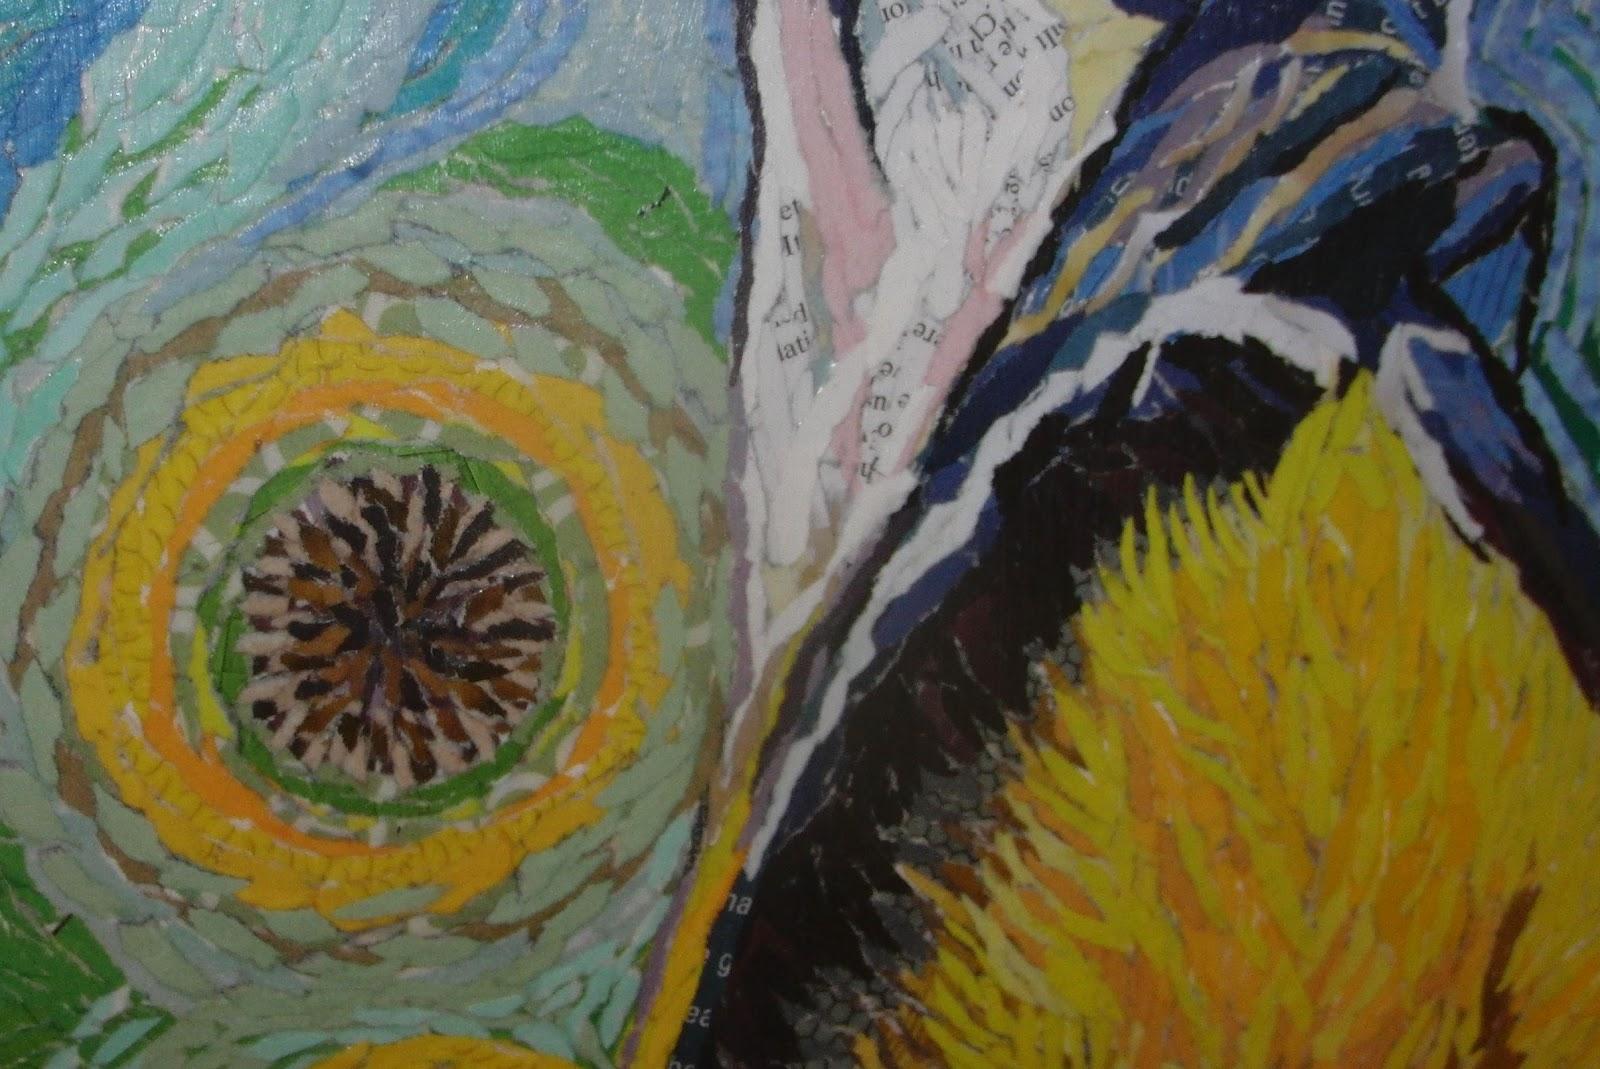 http://1.bp.blogspot.com/-BVVjJxJ6s40/UIpw1kw48rI/AAAAAAAAAdU/lZ0l_sKJ1Ck/s1600/Yellow+bird+detail.jpg